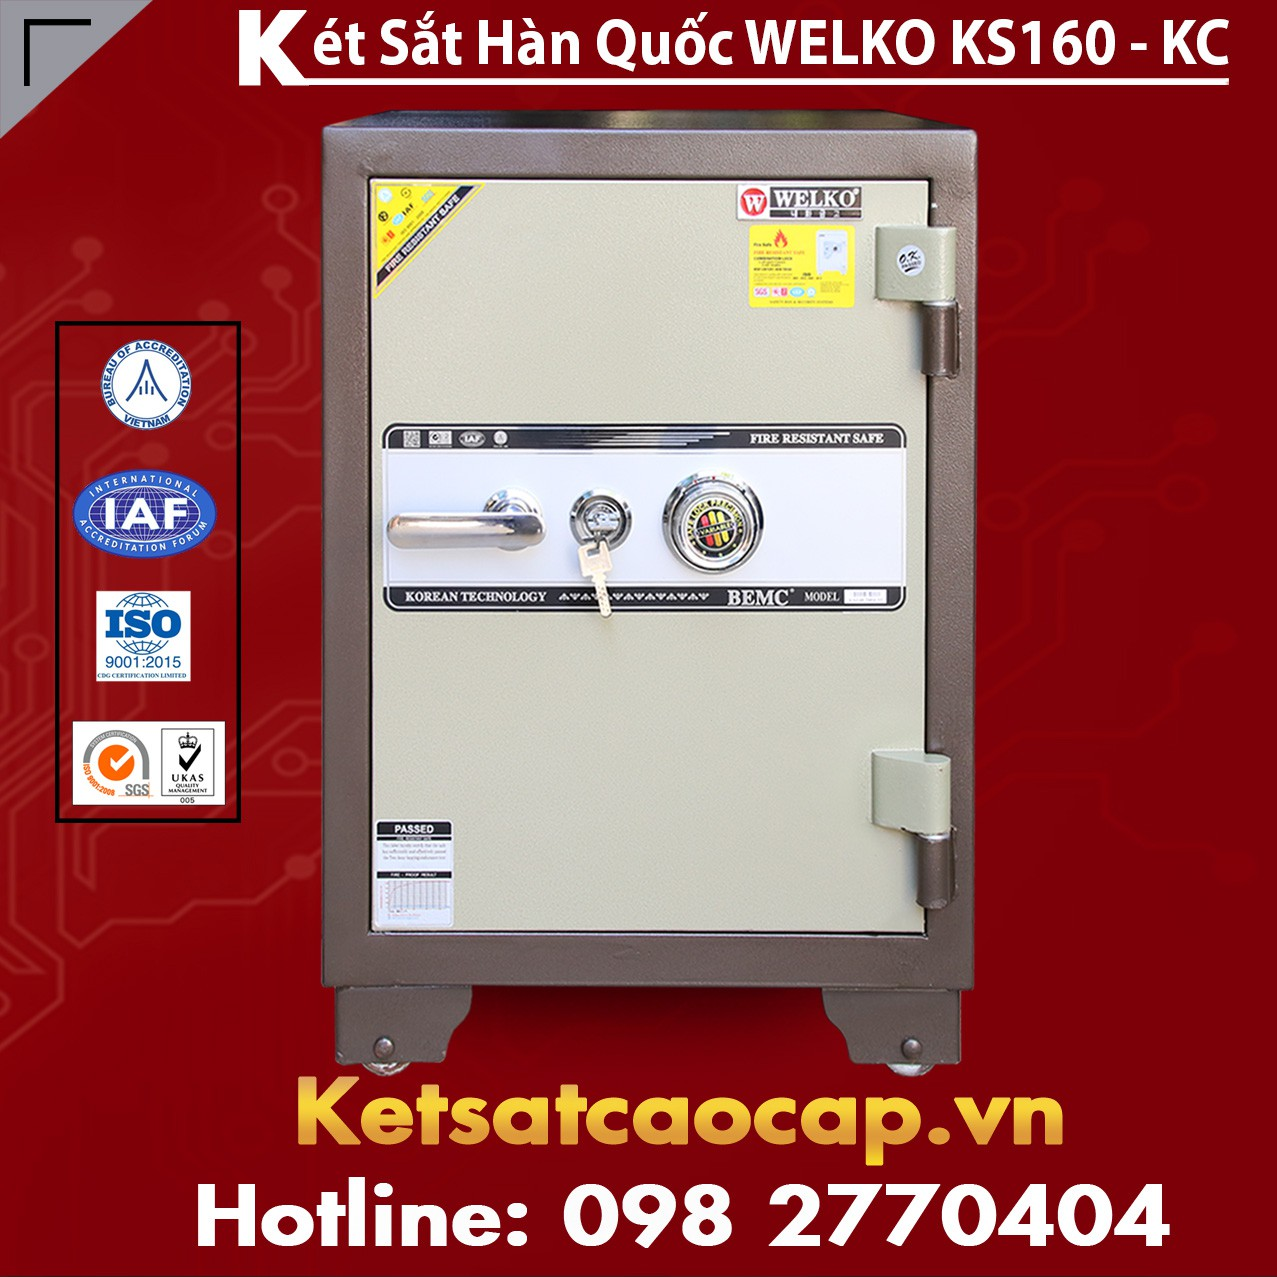 Két Sắt Văn Phòng Welko KS160 - KC Brown